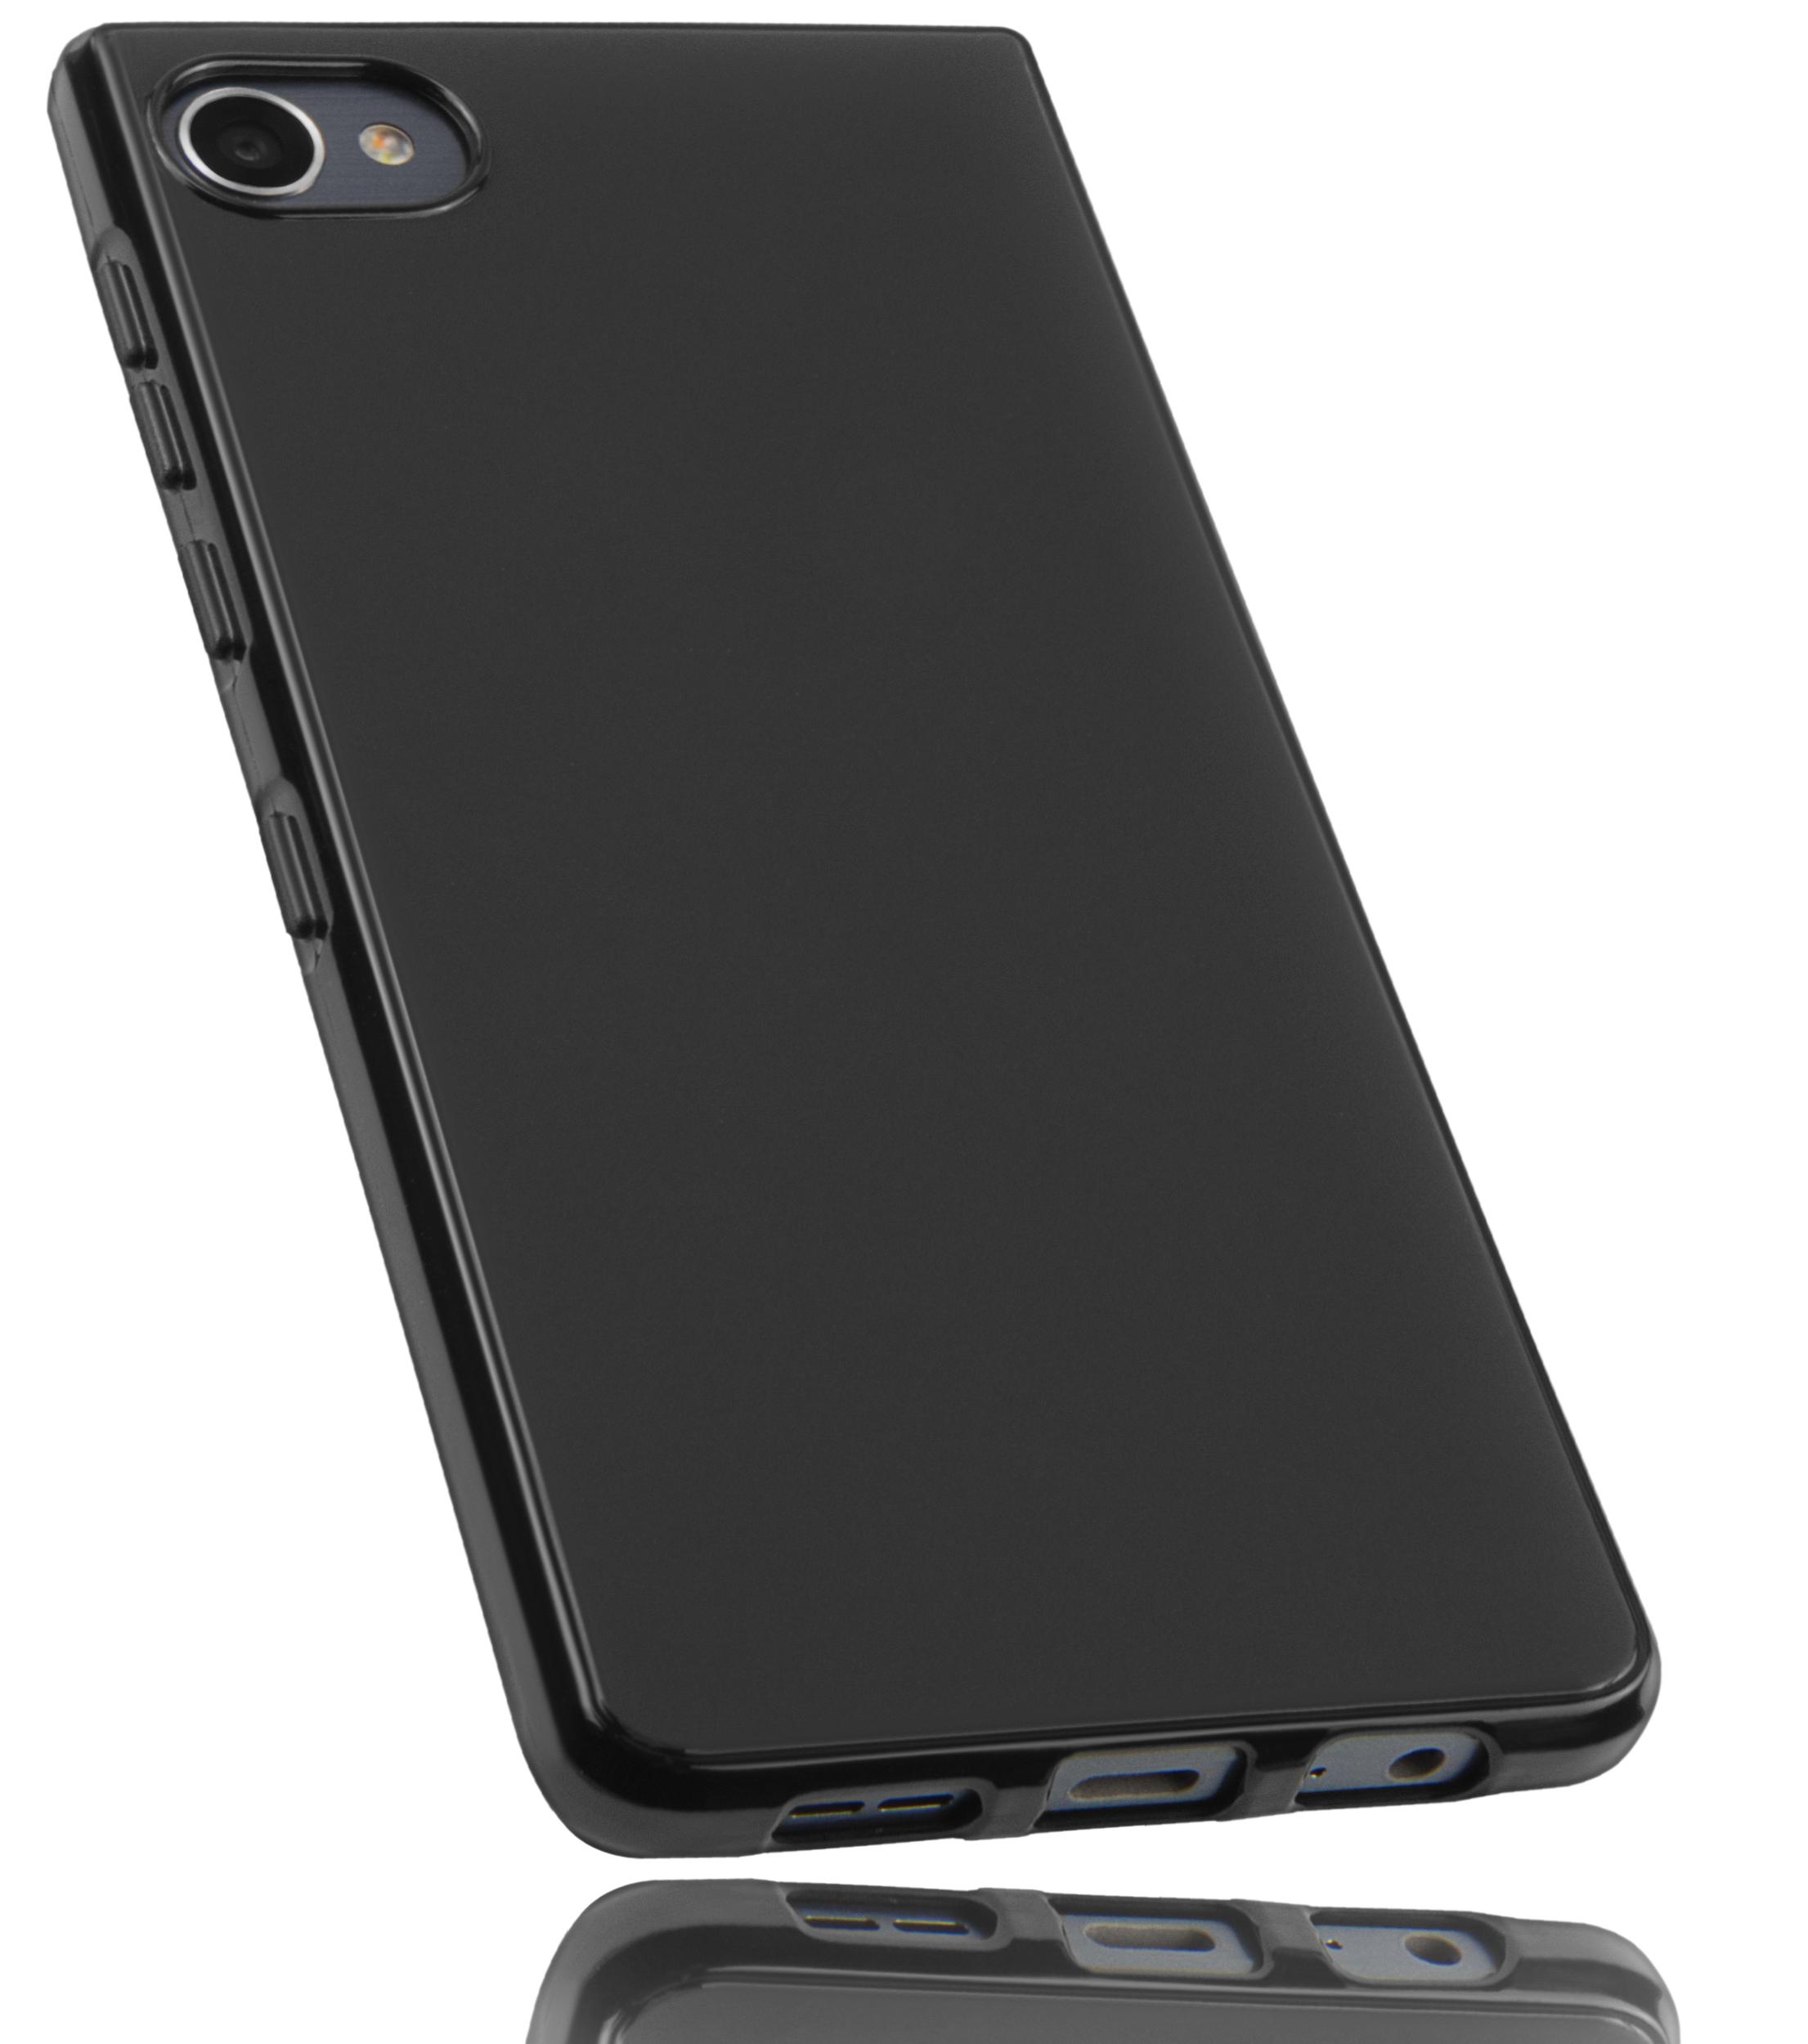 J Die Design-Unterschiede im Detail: Seht hier die beiden mit Android laufenden Tastatur-Smartphones Blackberry Key2 und Blackberry.